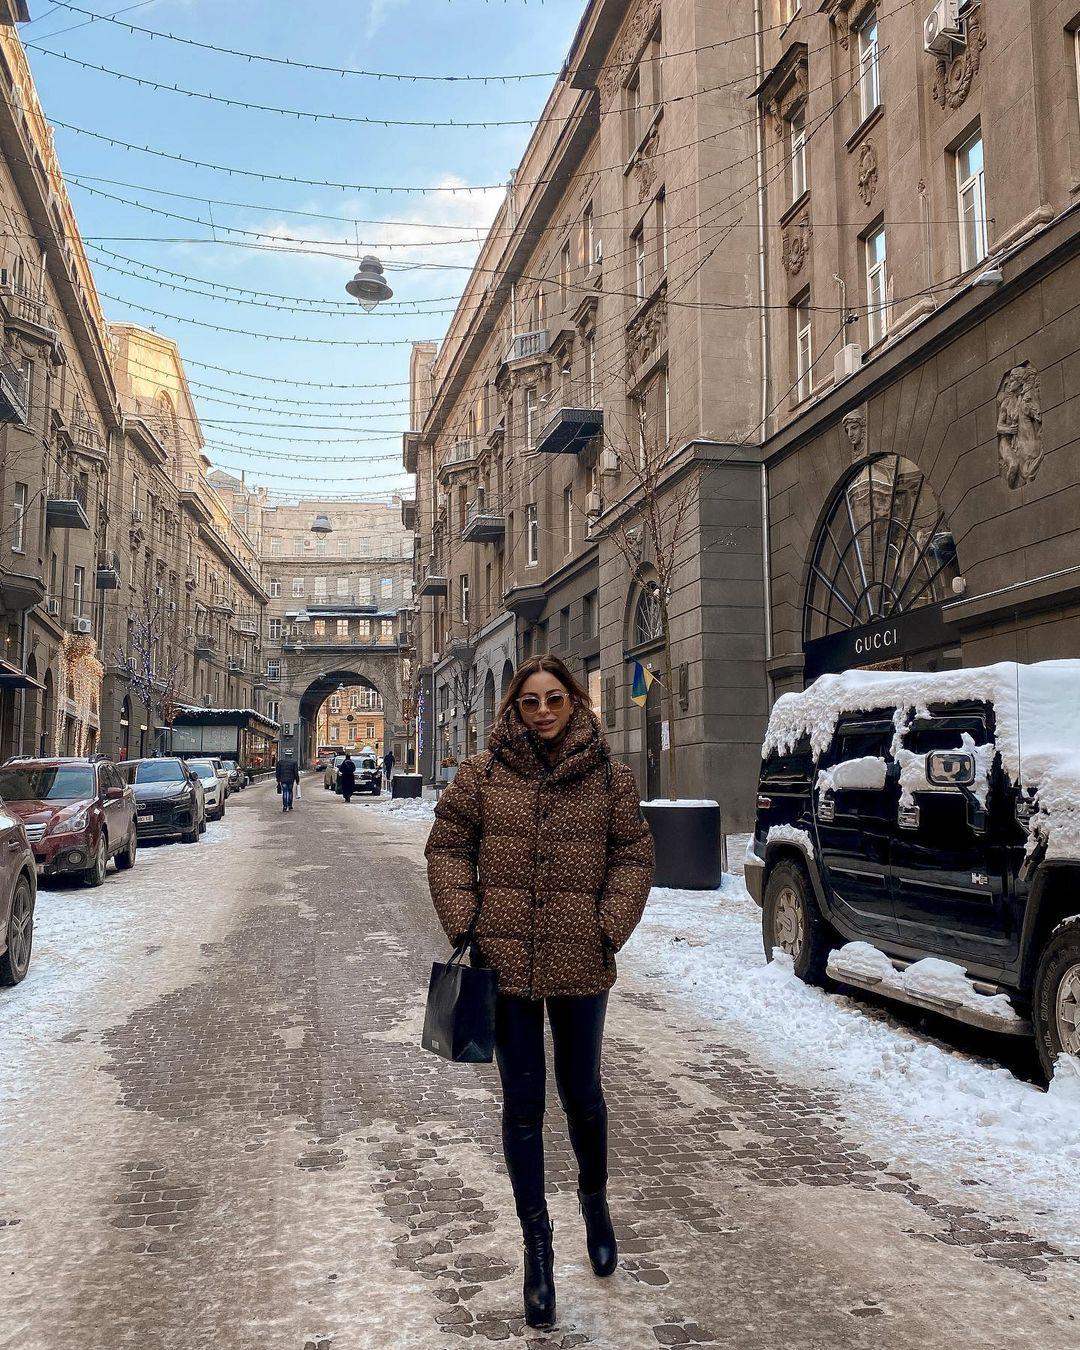 Ані Лорак показала нові фото з Києва, де вона перебуває вже кілька днів